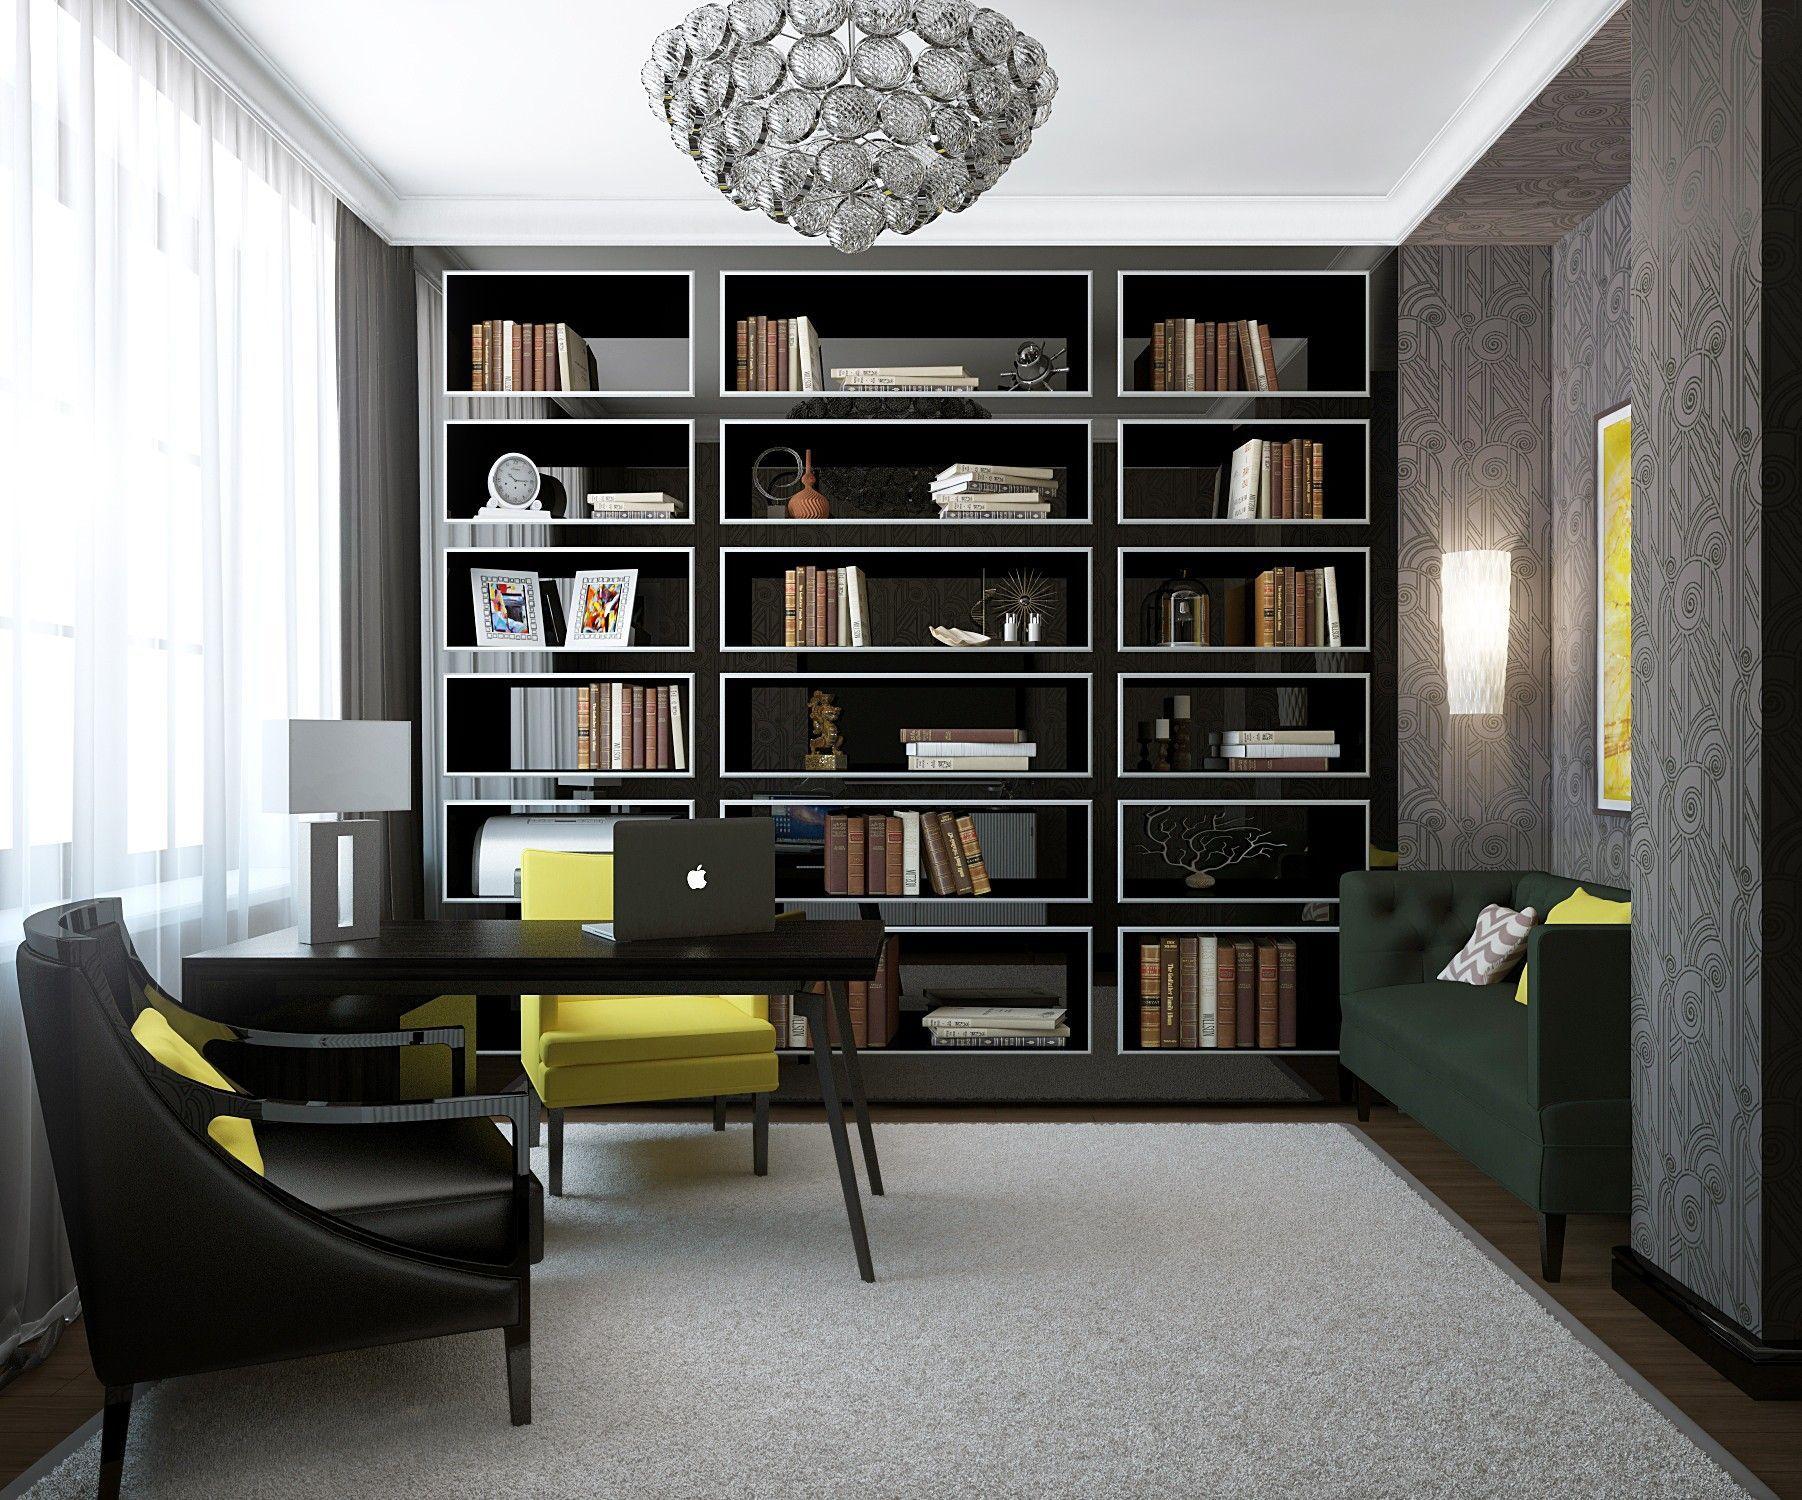 Кабинет. Дизайн интерьера дома.